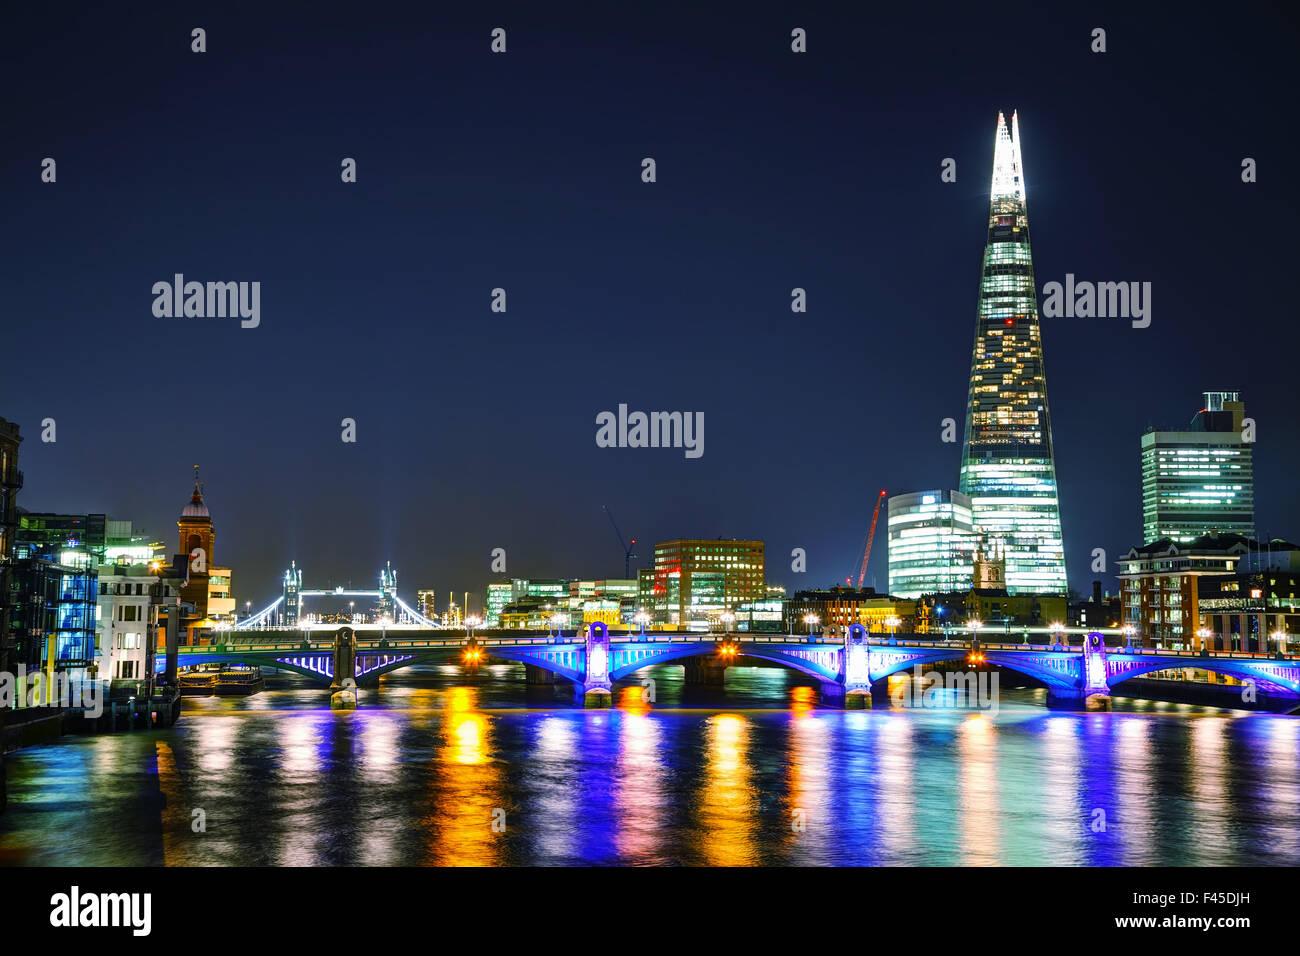 El distrito financiero de la ciudad de Londres. Imagen De Stock